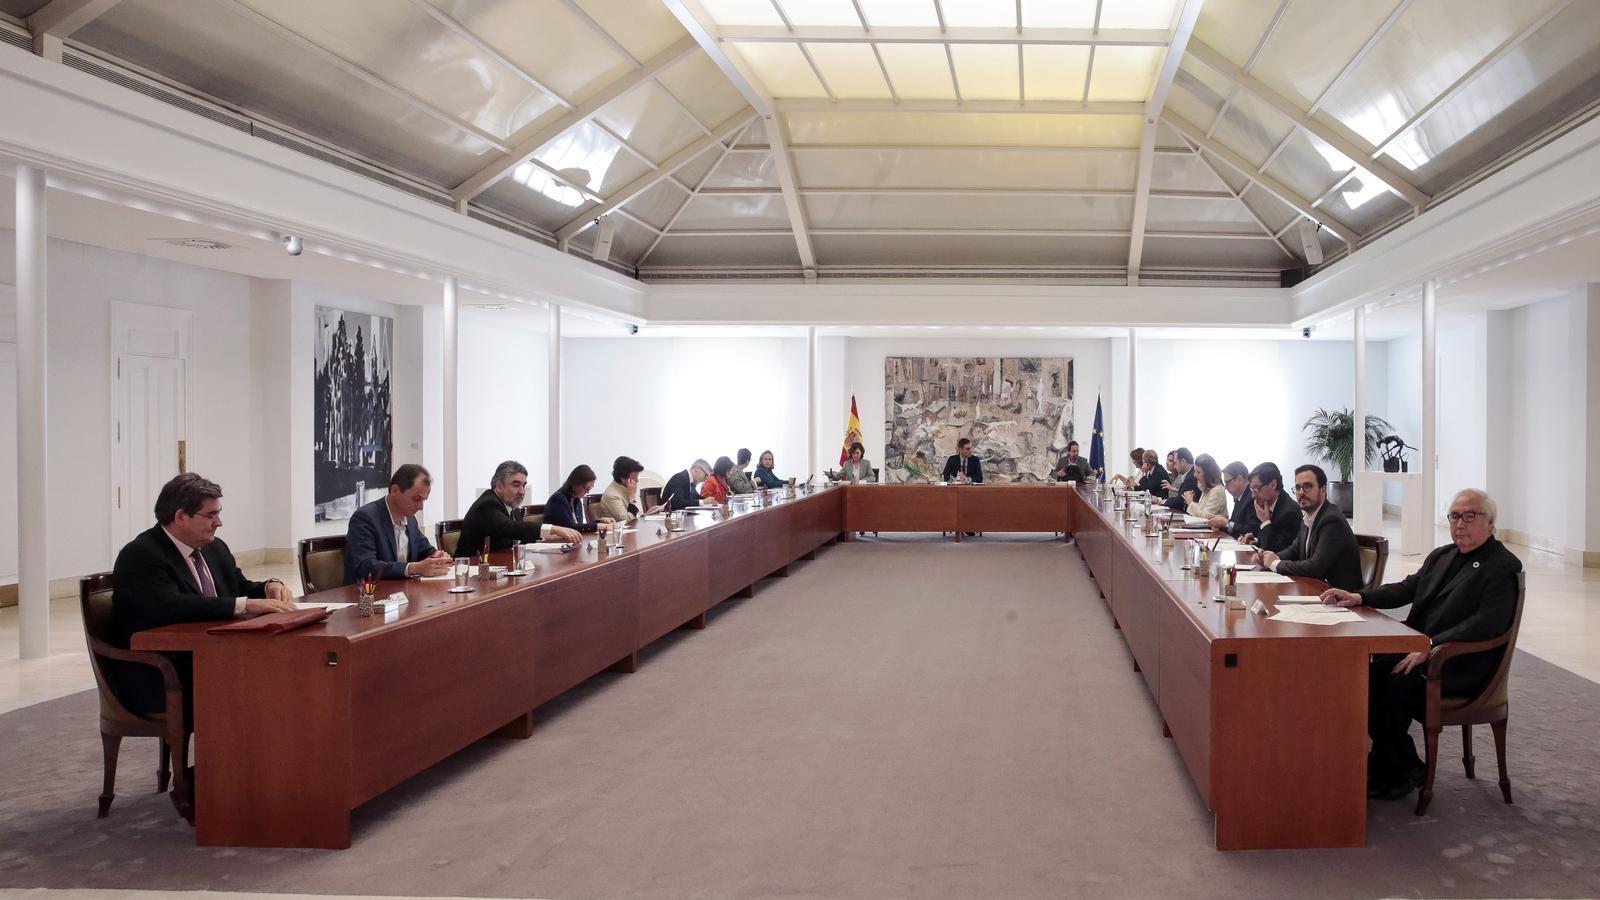 Reunió extraordinària del consell de ministres a la Moncloa per decretar l'estat d'alarma. Tots els ministres estan a un metre de distància per prevenció.